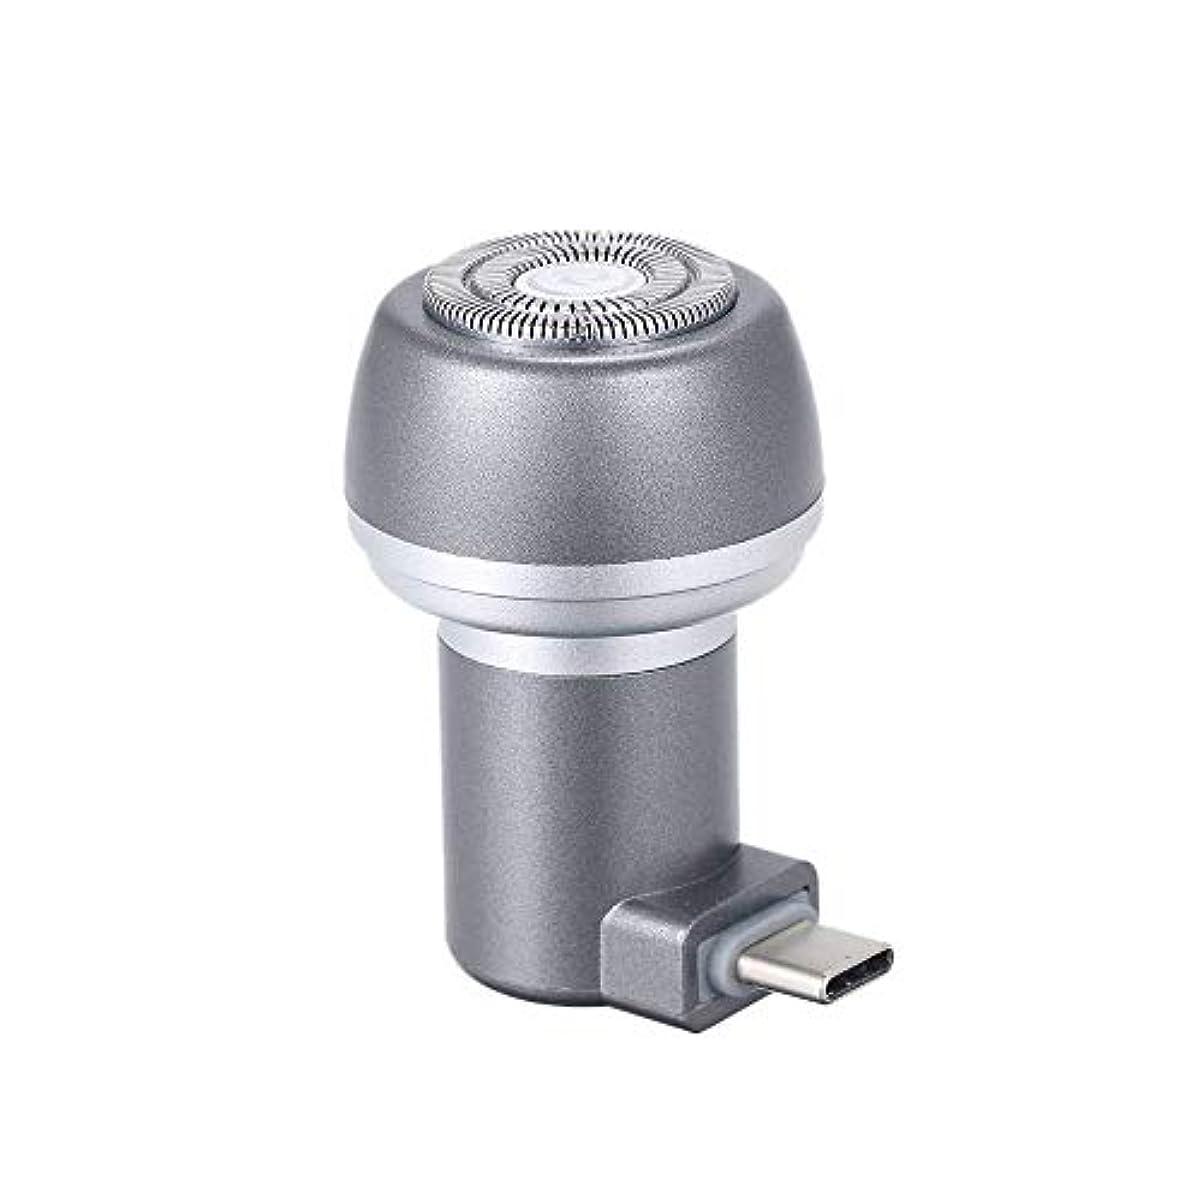 影駅かろうじてXiAnShiYu家庭用 電気 シェーバー 男性用 防水 ウェットドライシェービング USB充電式 グレー タイプC